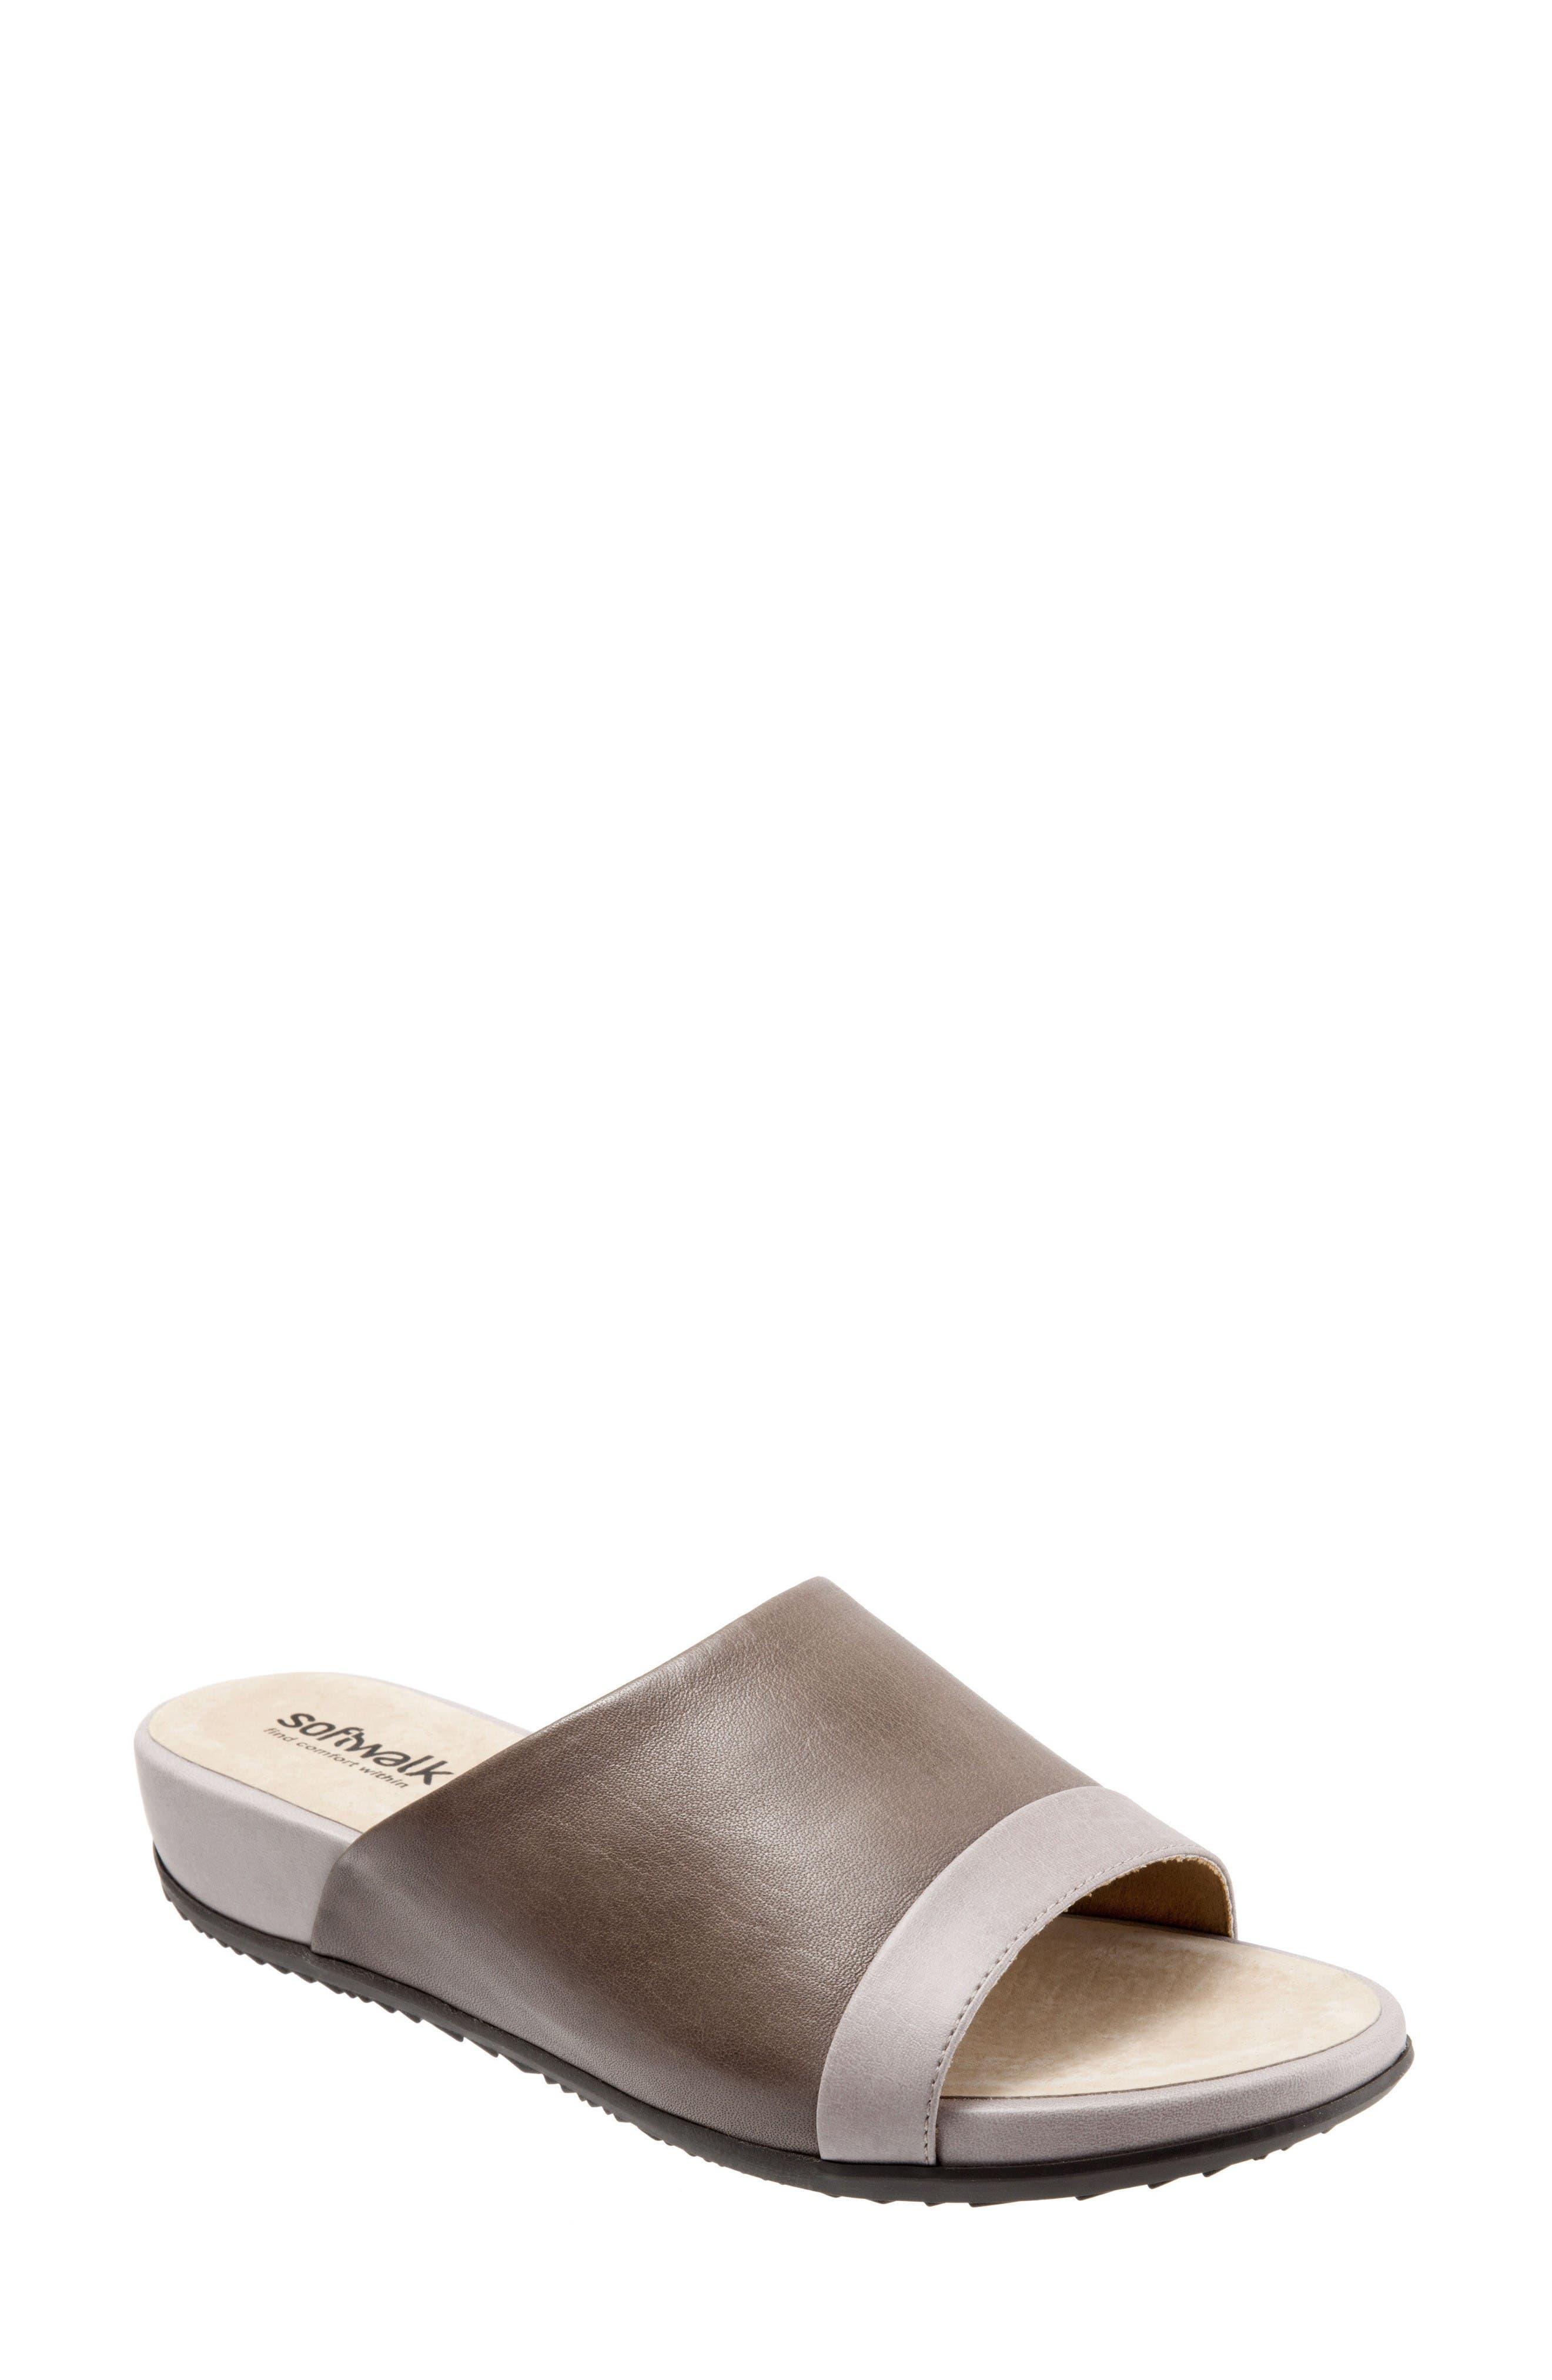 Del Mar Slide Sandal,                         Main,                         color, Grey Leather